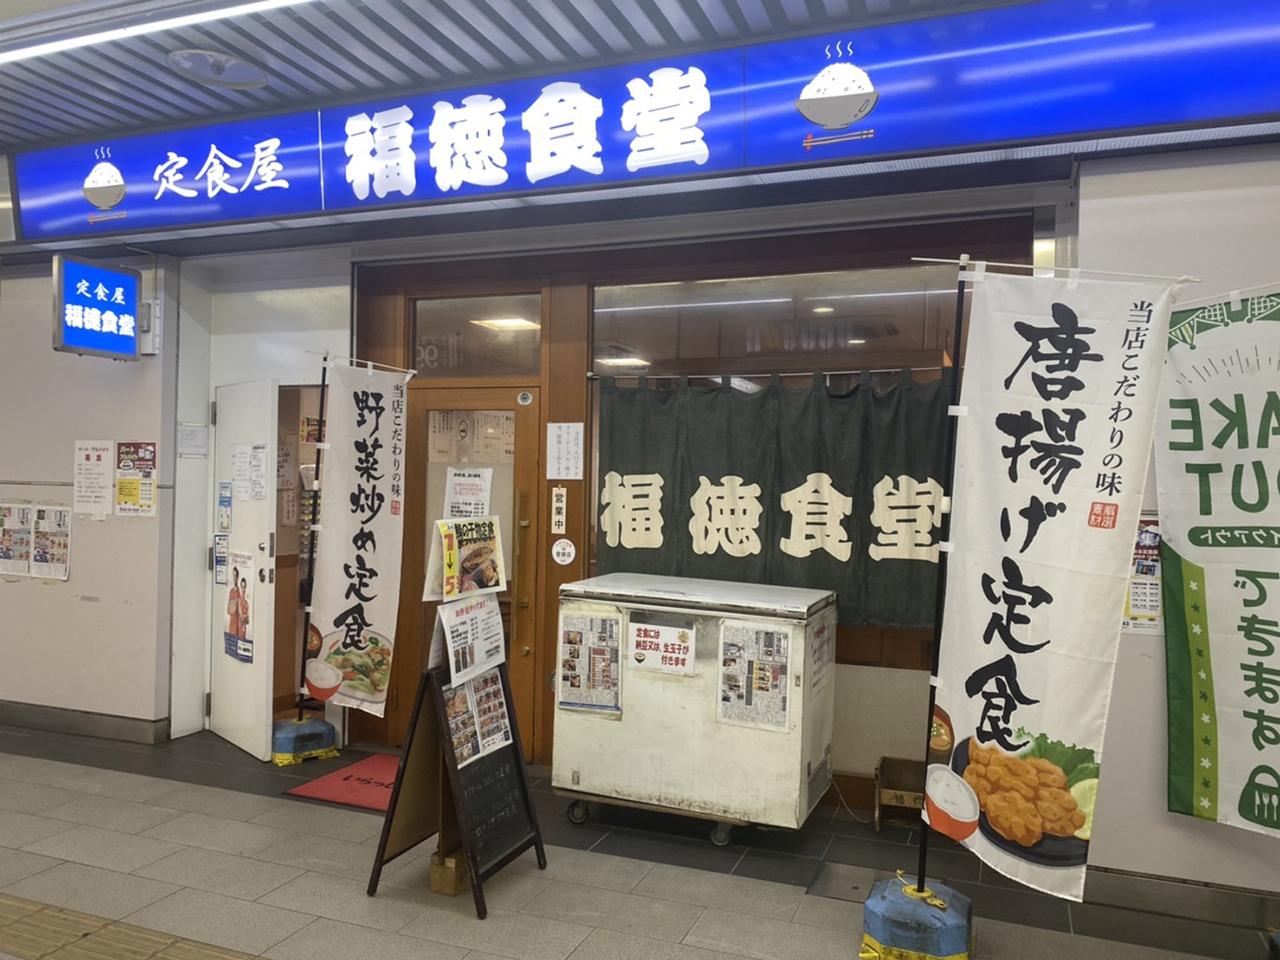 福徳食堂 の外観